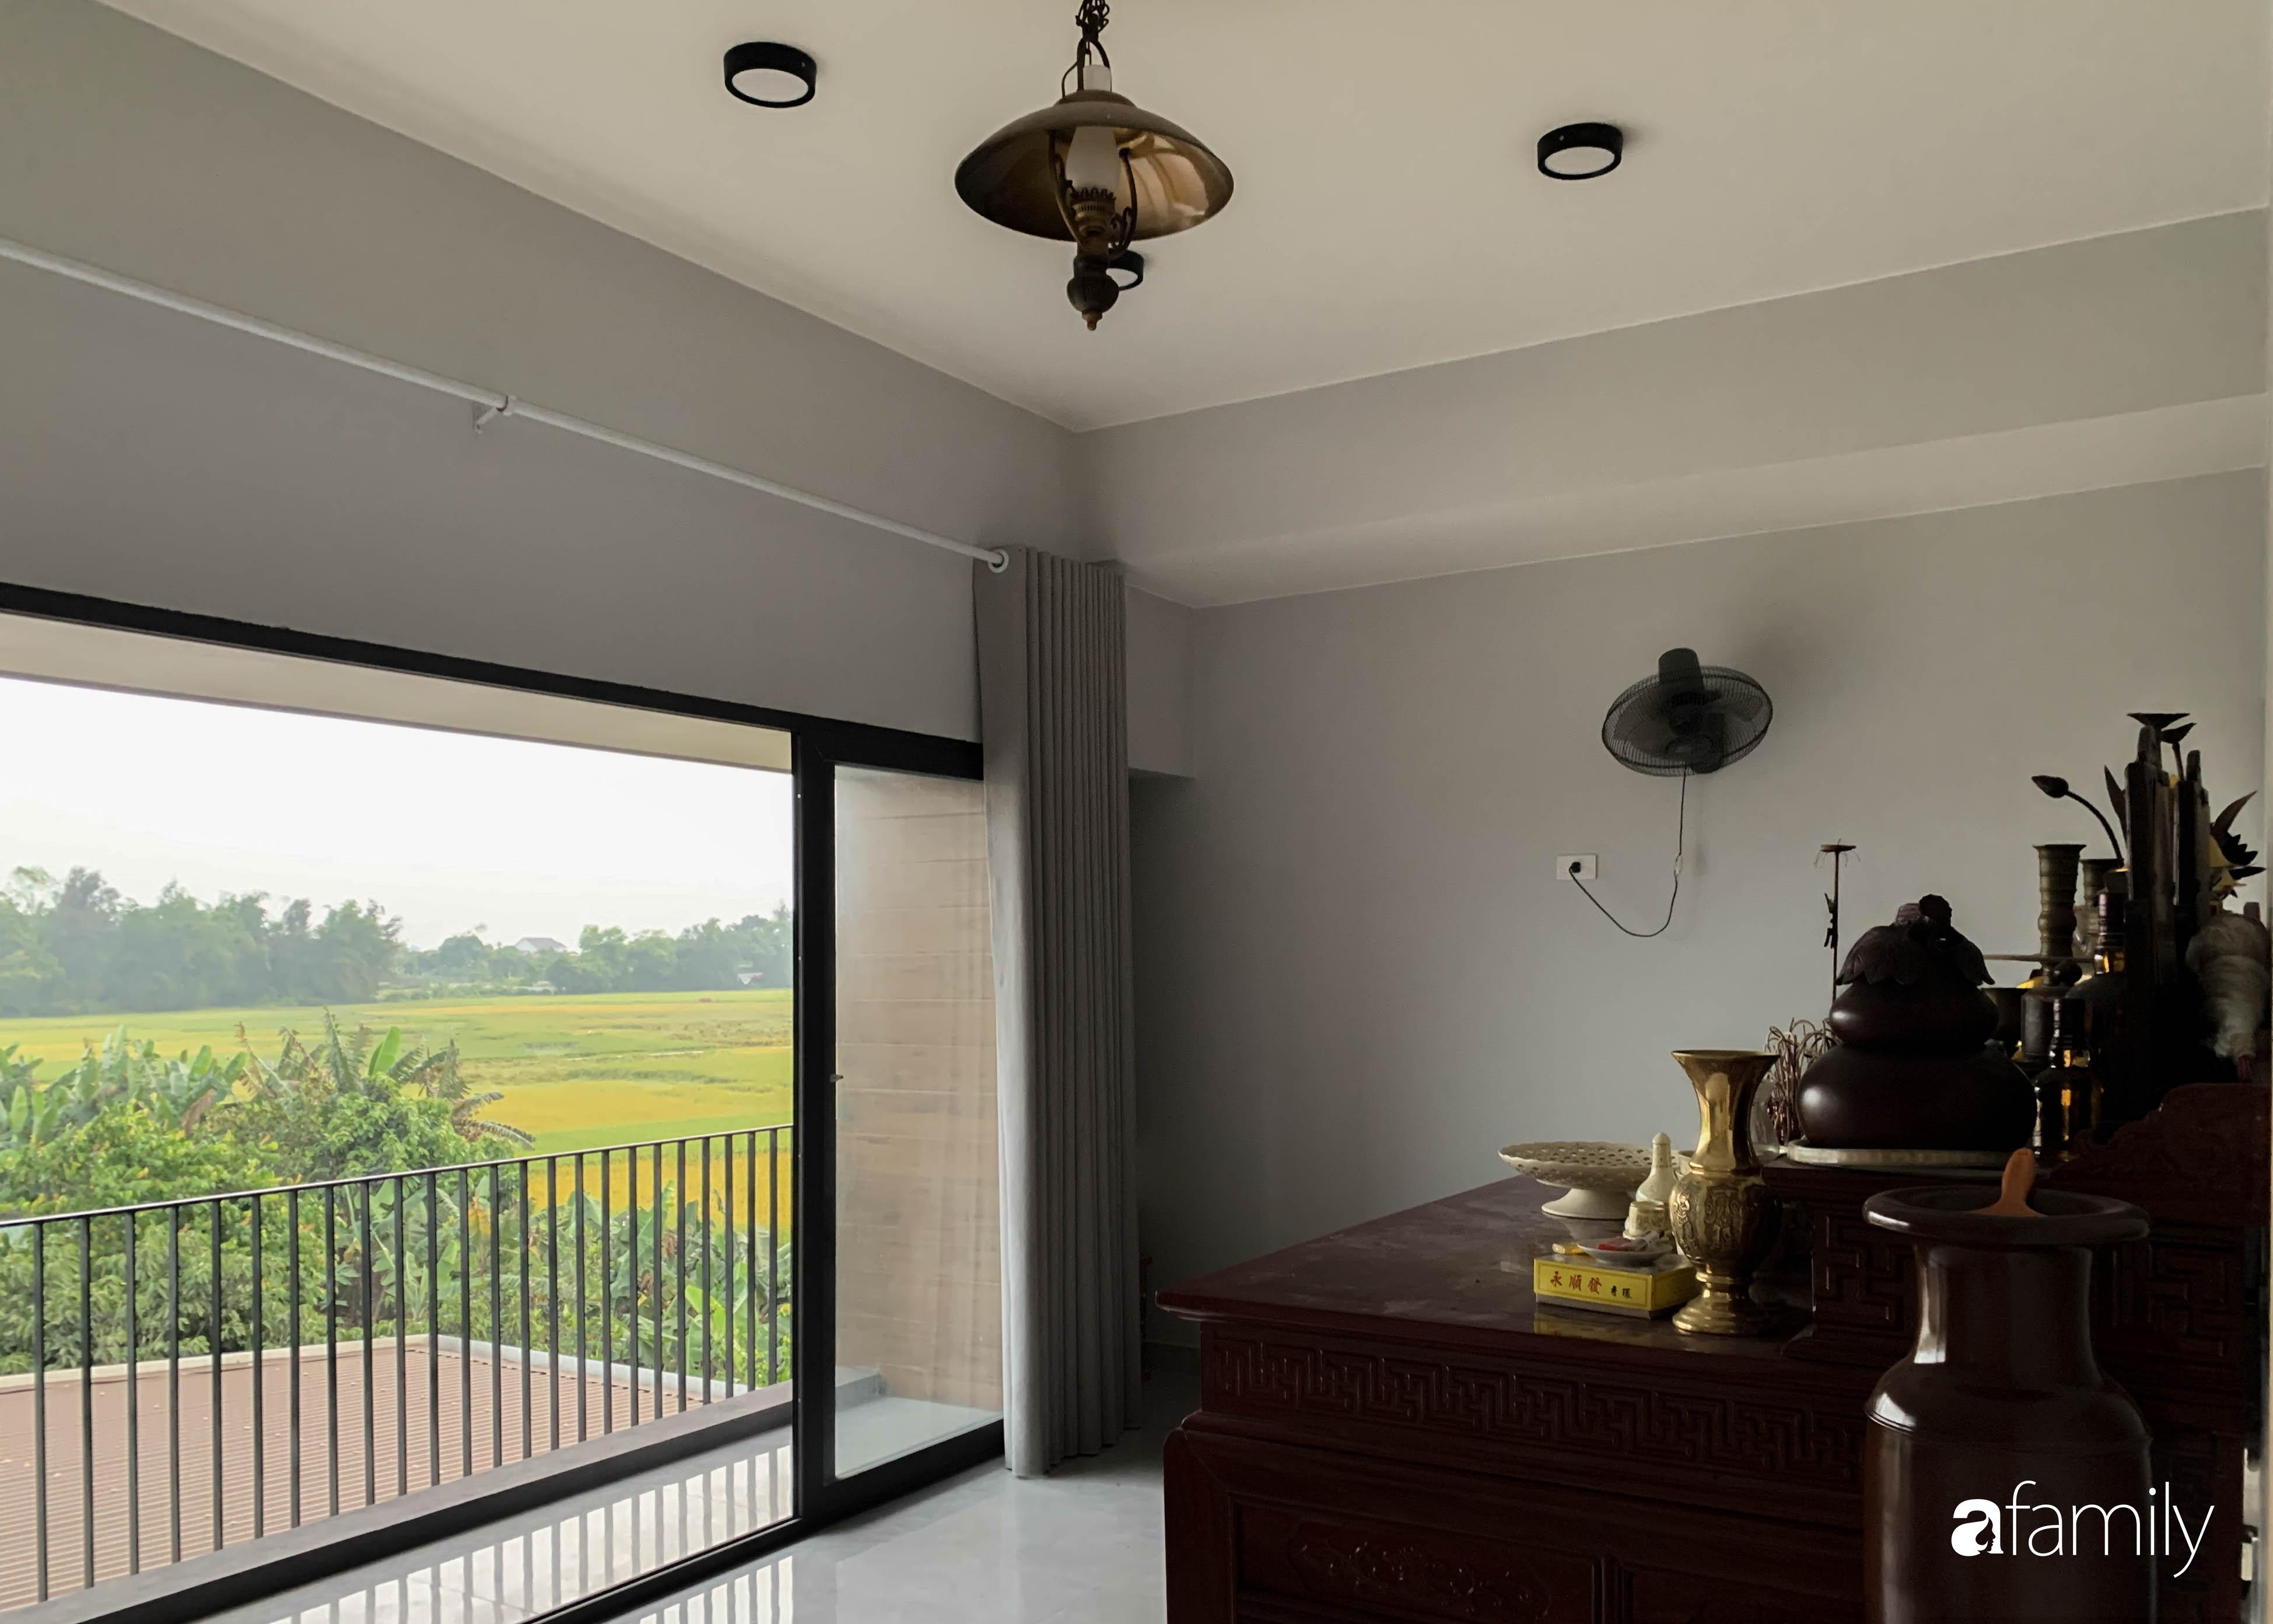 Con trai là KTS xây nhà 2 tầng nhìn thẳng ra cánh đồng lúa với thiết kế tiện dụng cho bố mẹ già ở Hà Tĩnh - Ảnh 21.